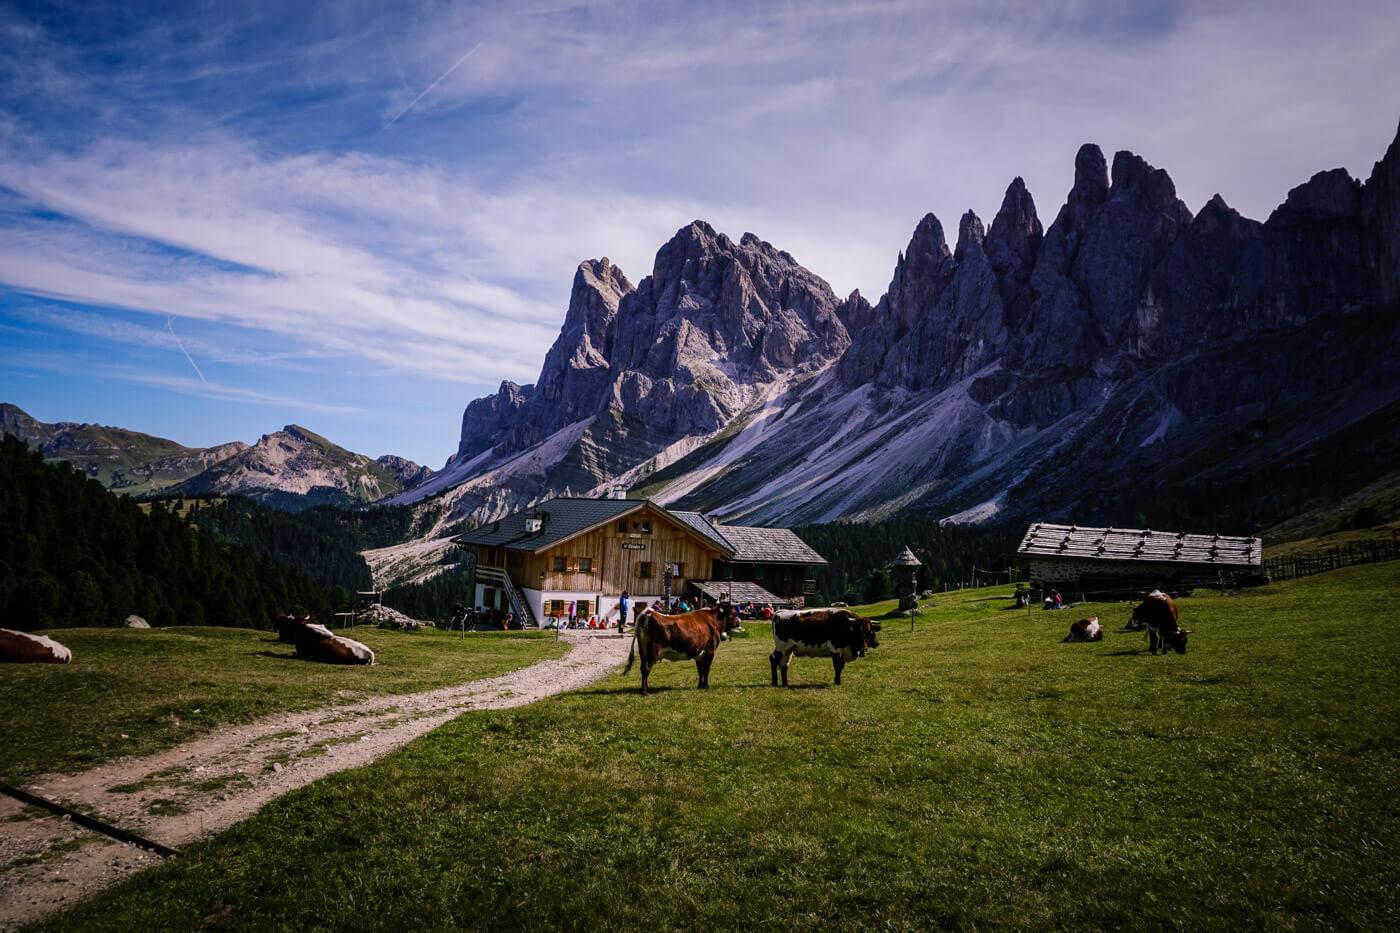 Malga Brogles, Val di Funes, Dolomites